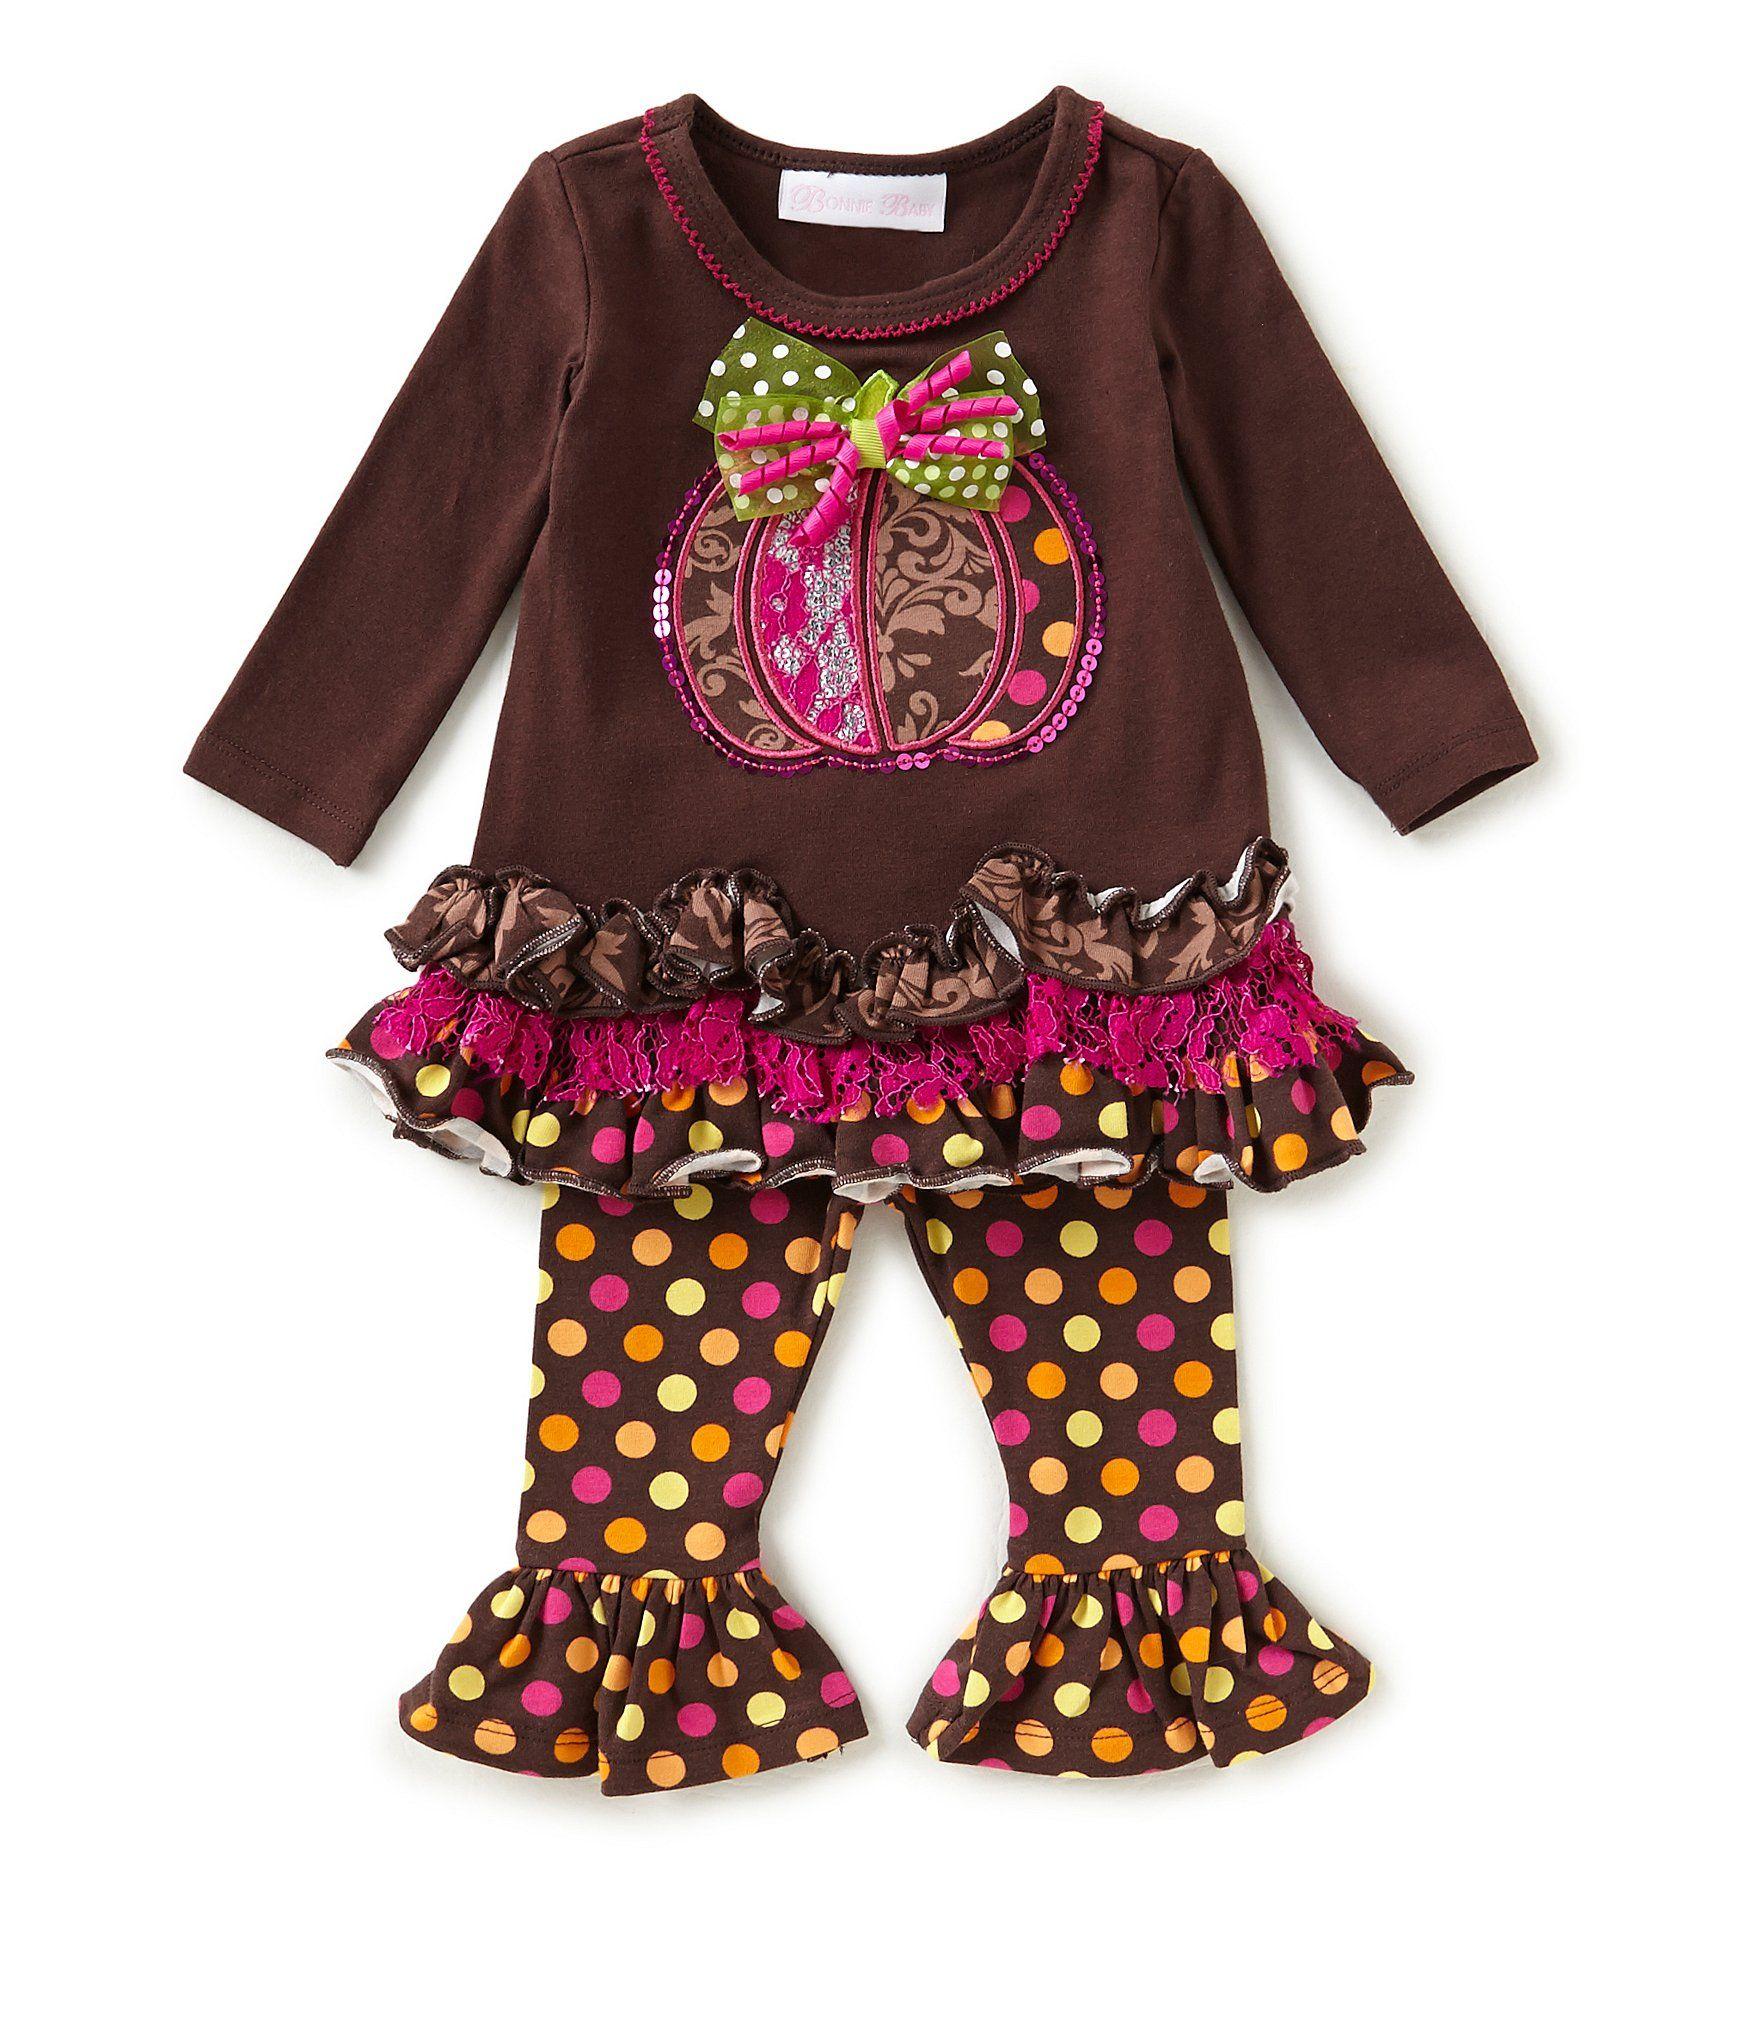 Bonnie Baby Baby Girls Newborn 24 Months Thanksgiving Pumpkin Dress